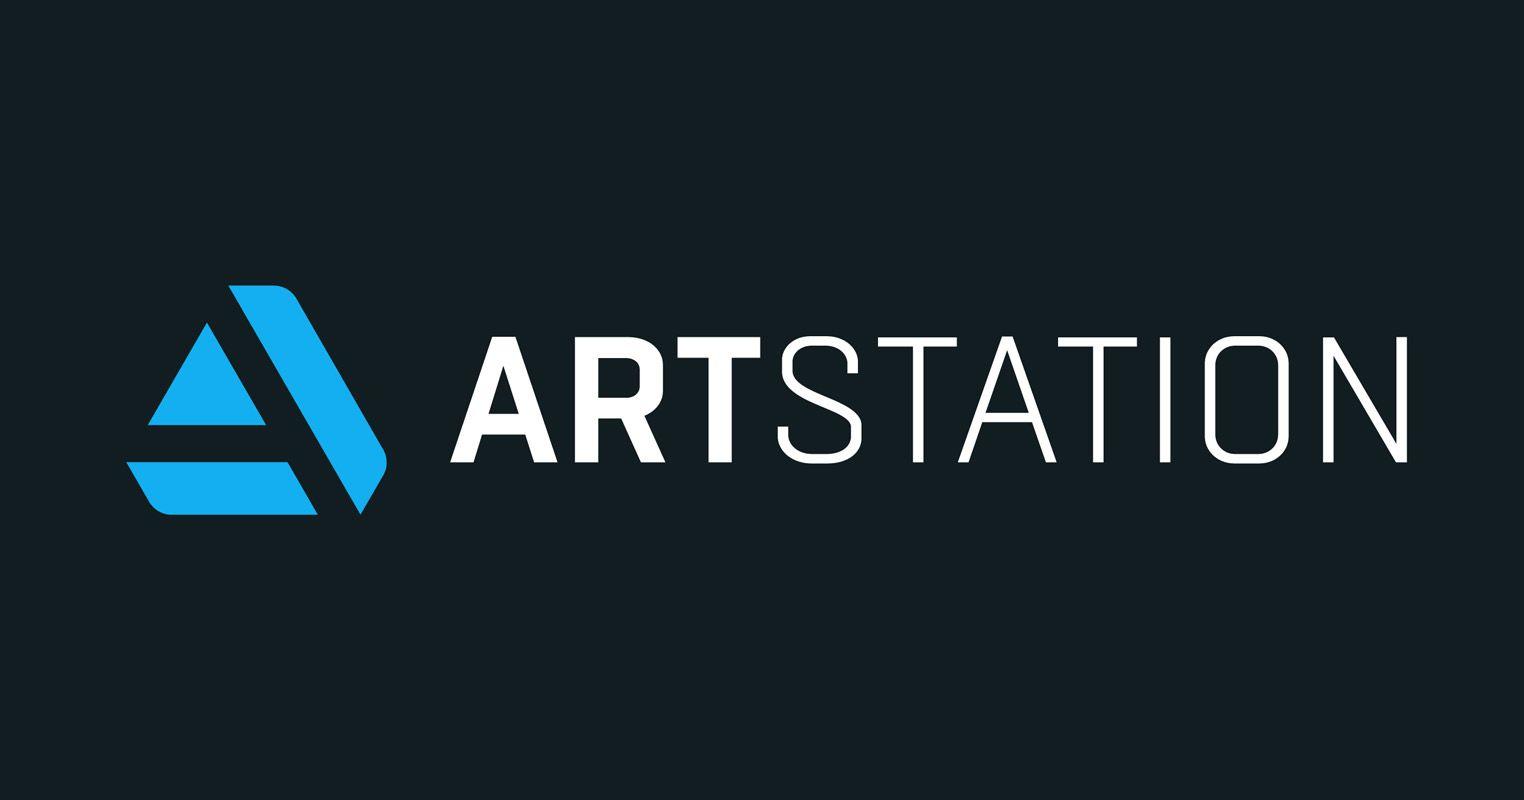 Ofertas de trabajo como artista visual